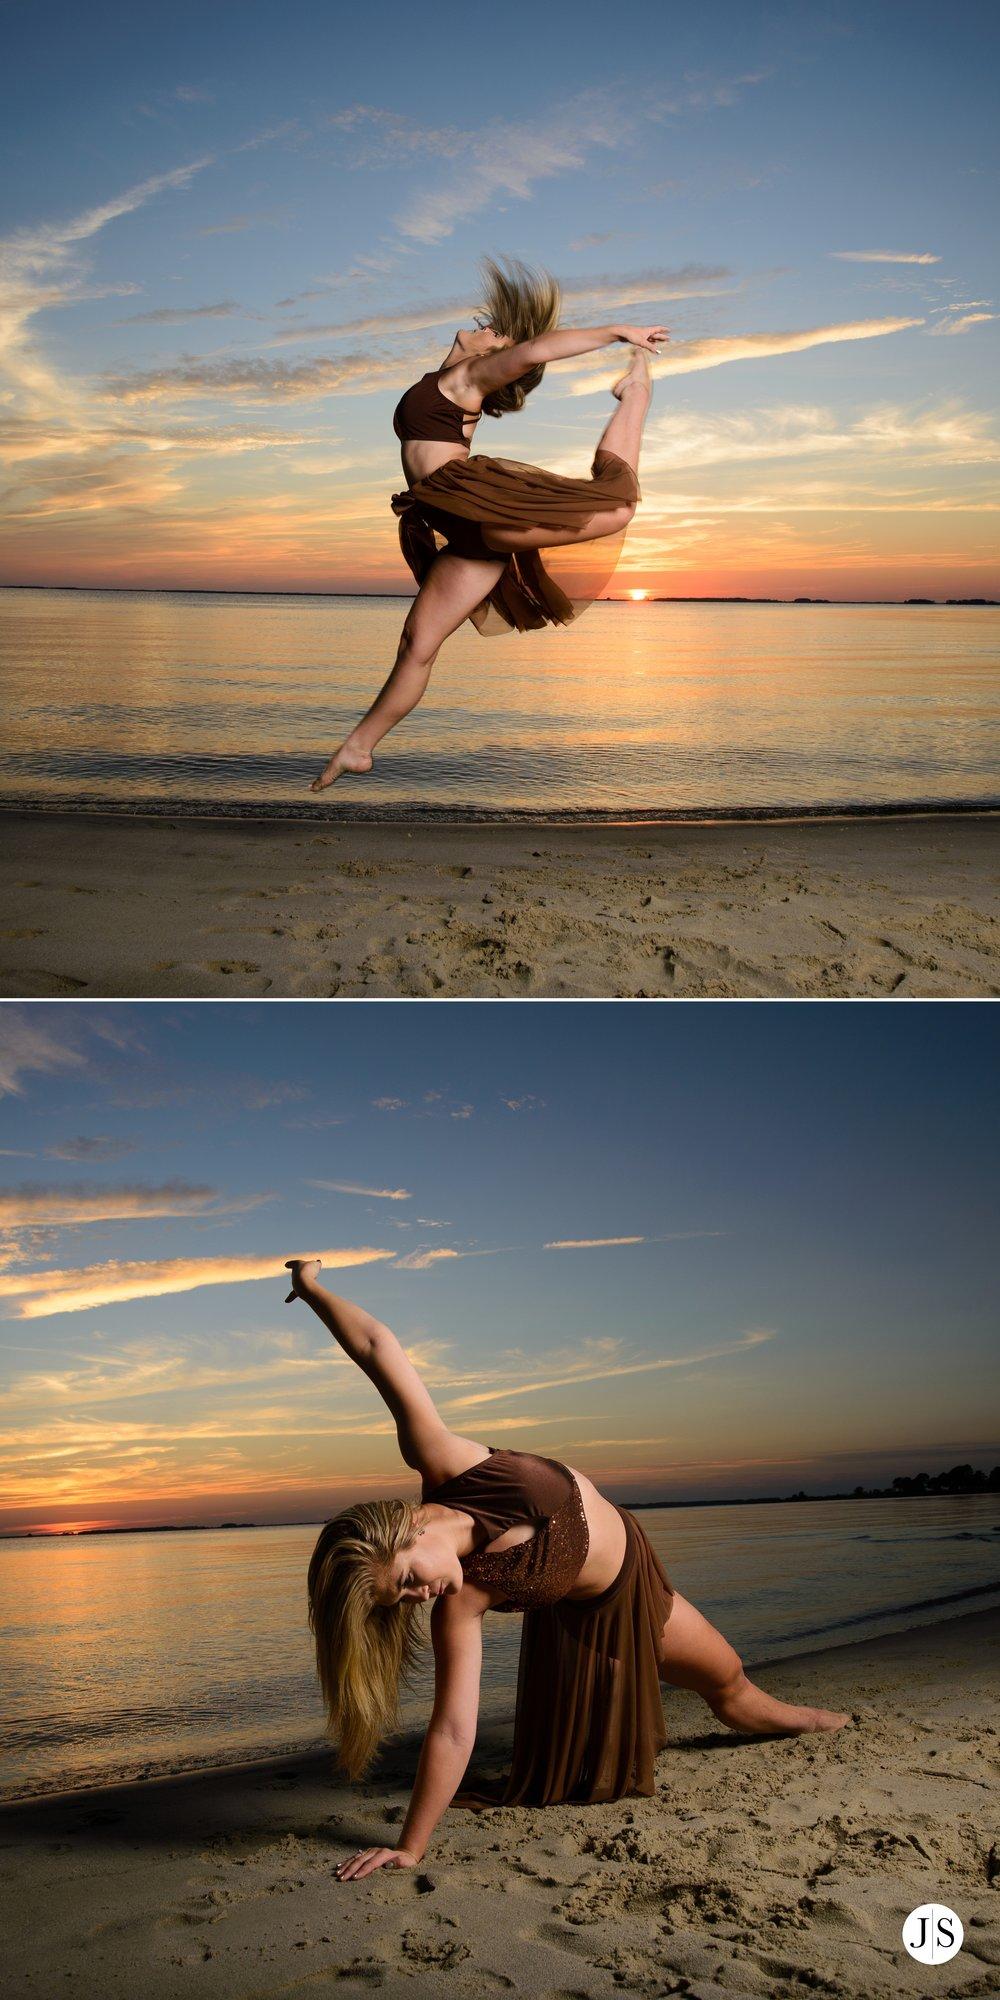 senior-portraits-beach-sunset-salisbury-thecove-dancer-maryland-photo 10.jpg